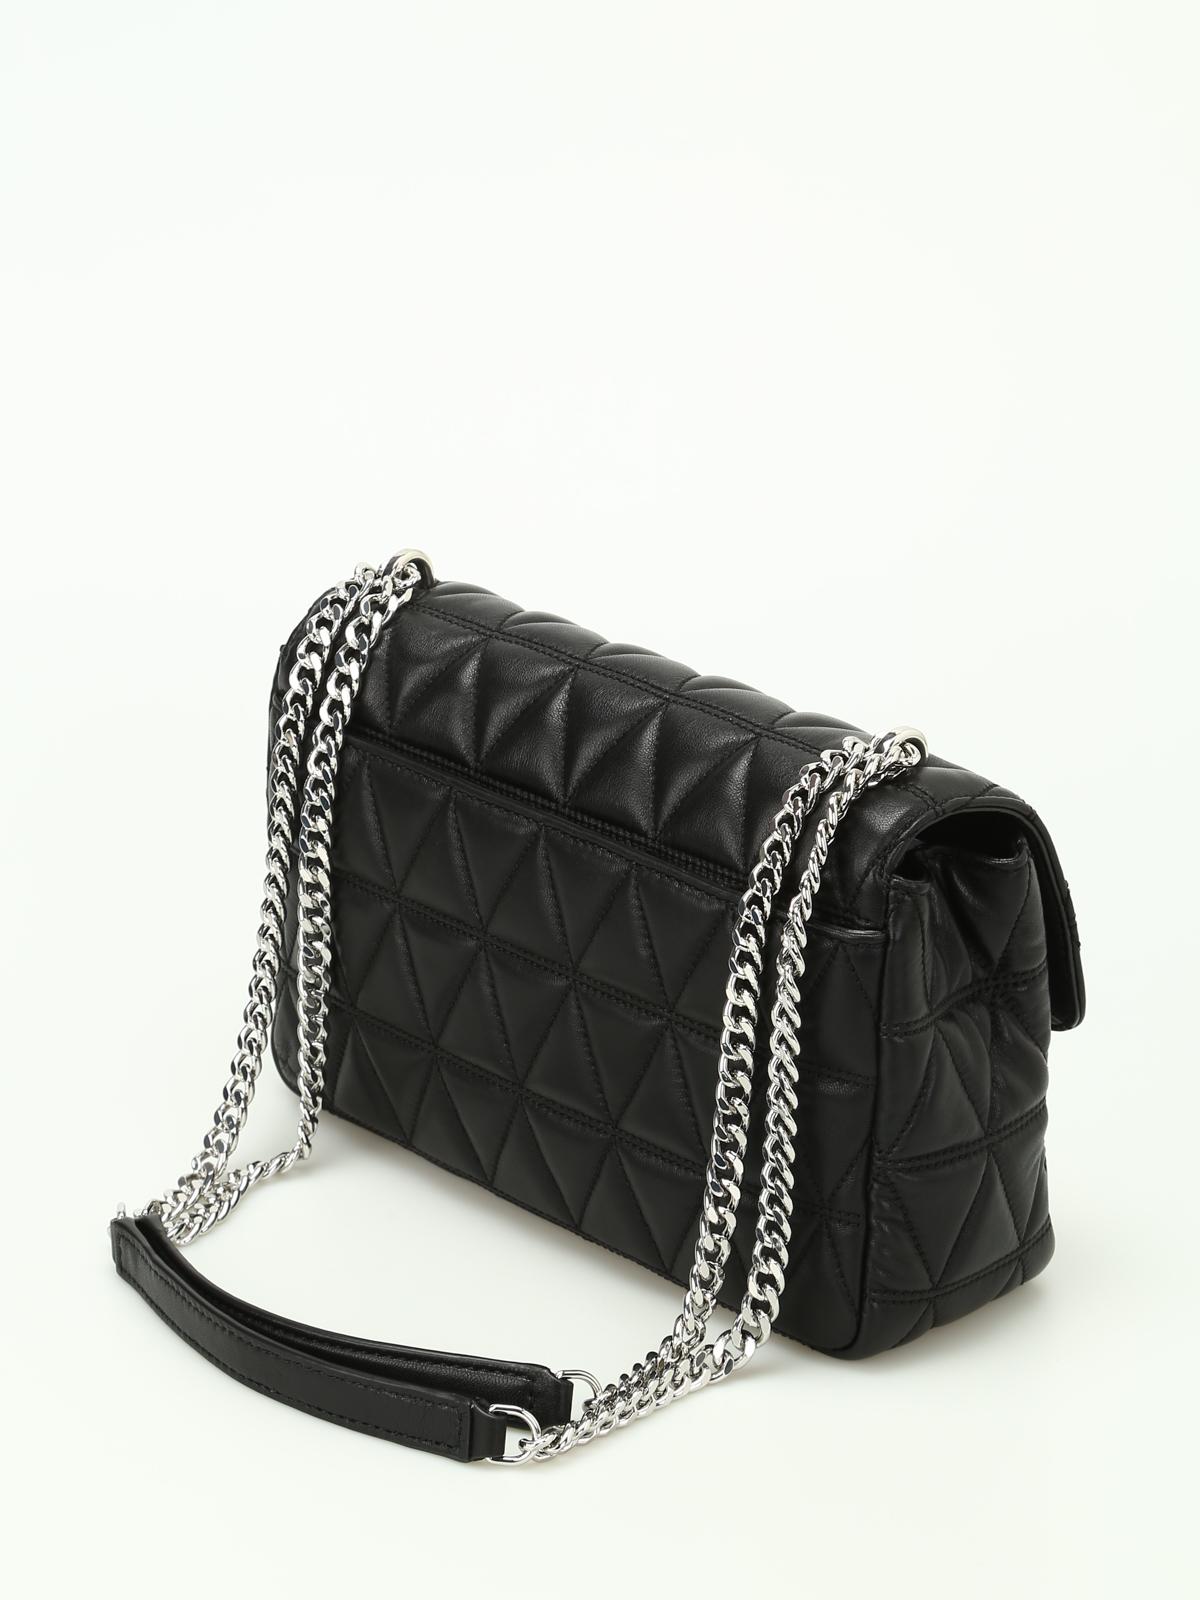 50a326cad23e iKRIX MICHAEL KORS: shoulder bags - Sloan large quilted shoulder bag